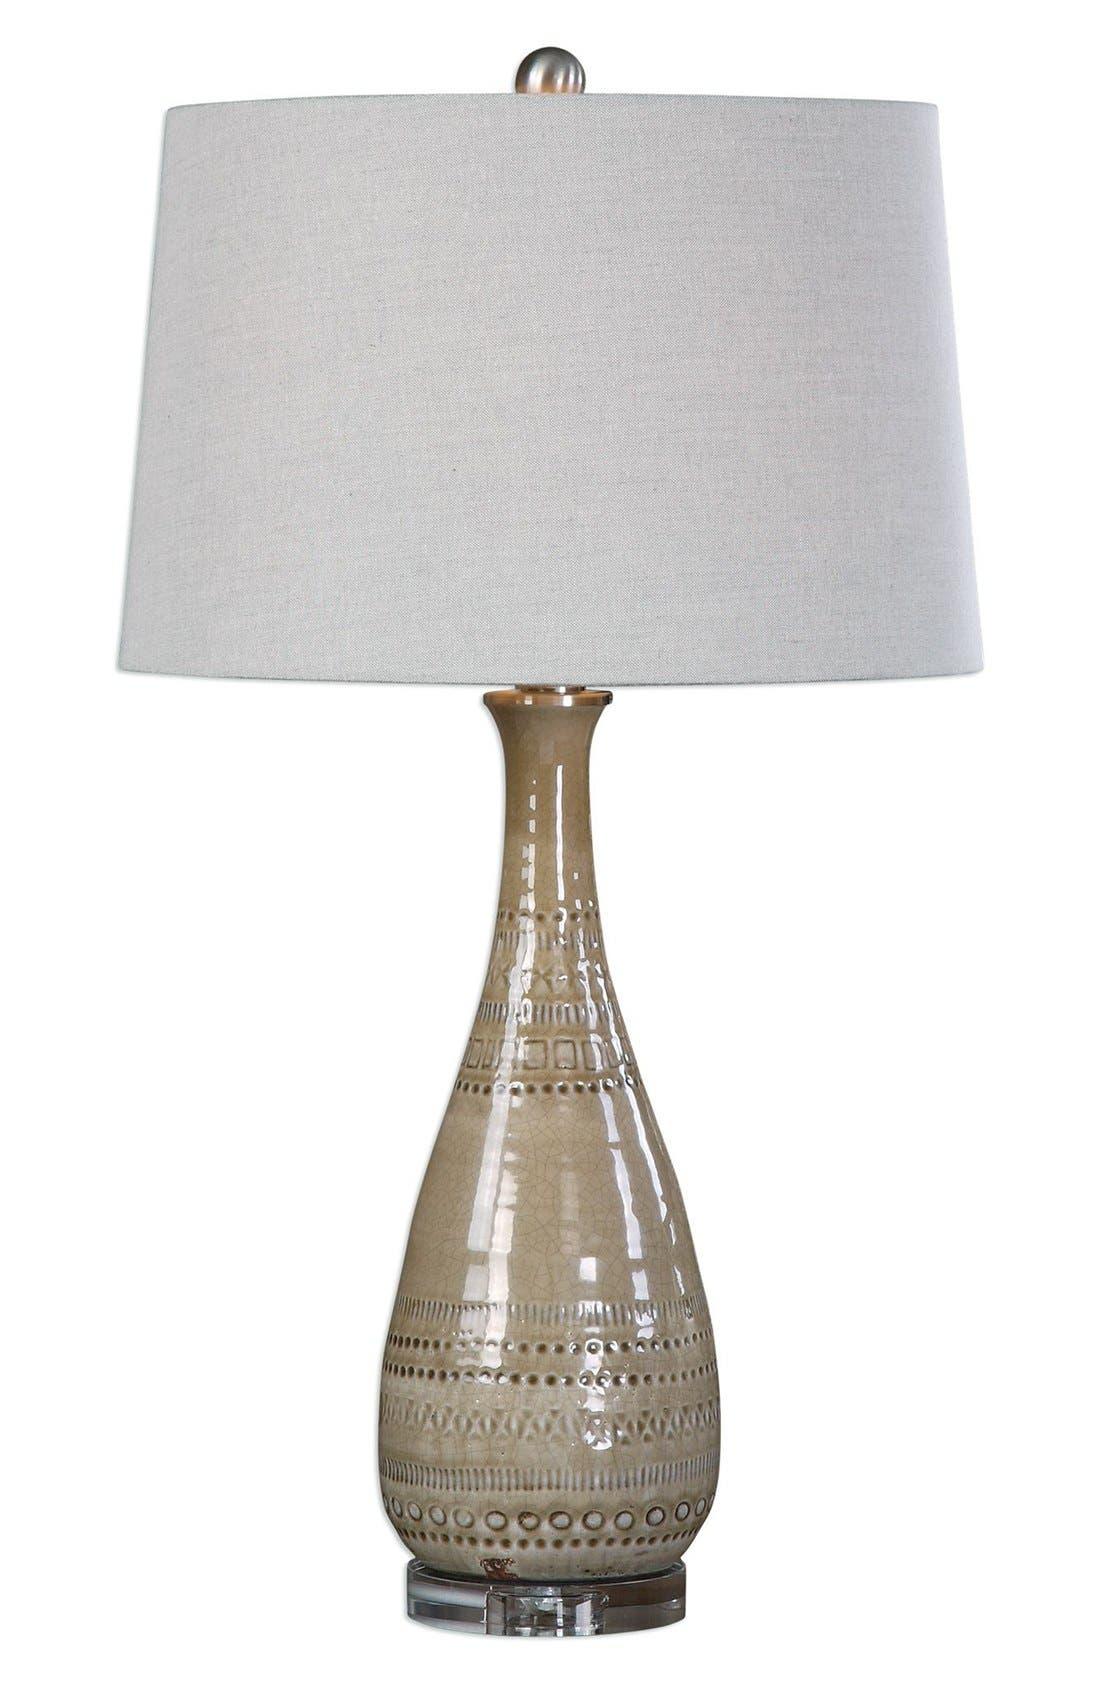 Main Image - Uttermost Textured Ceramic Lamp